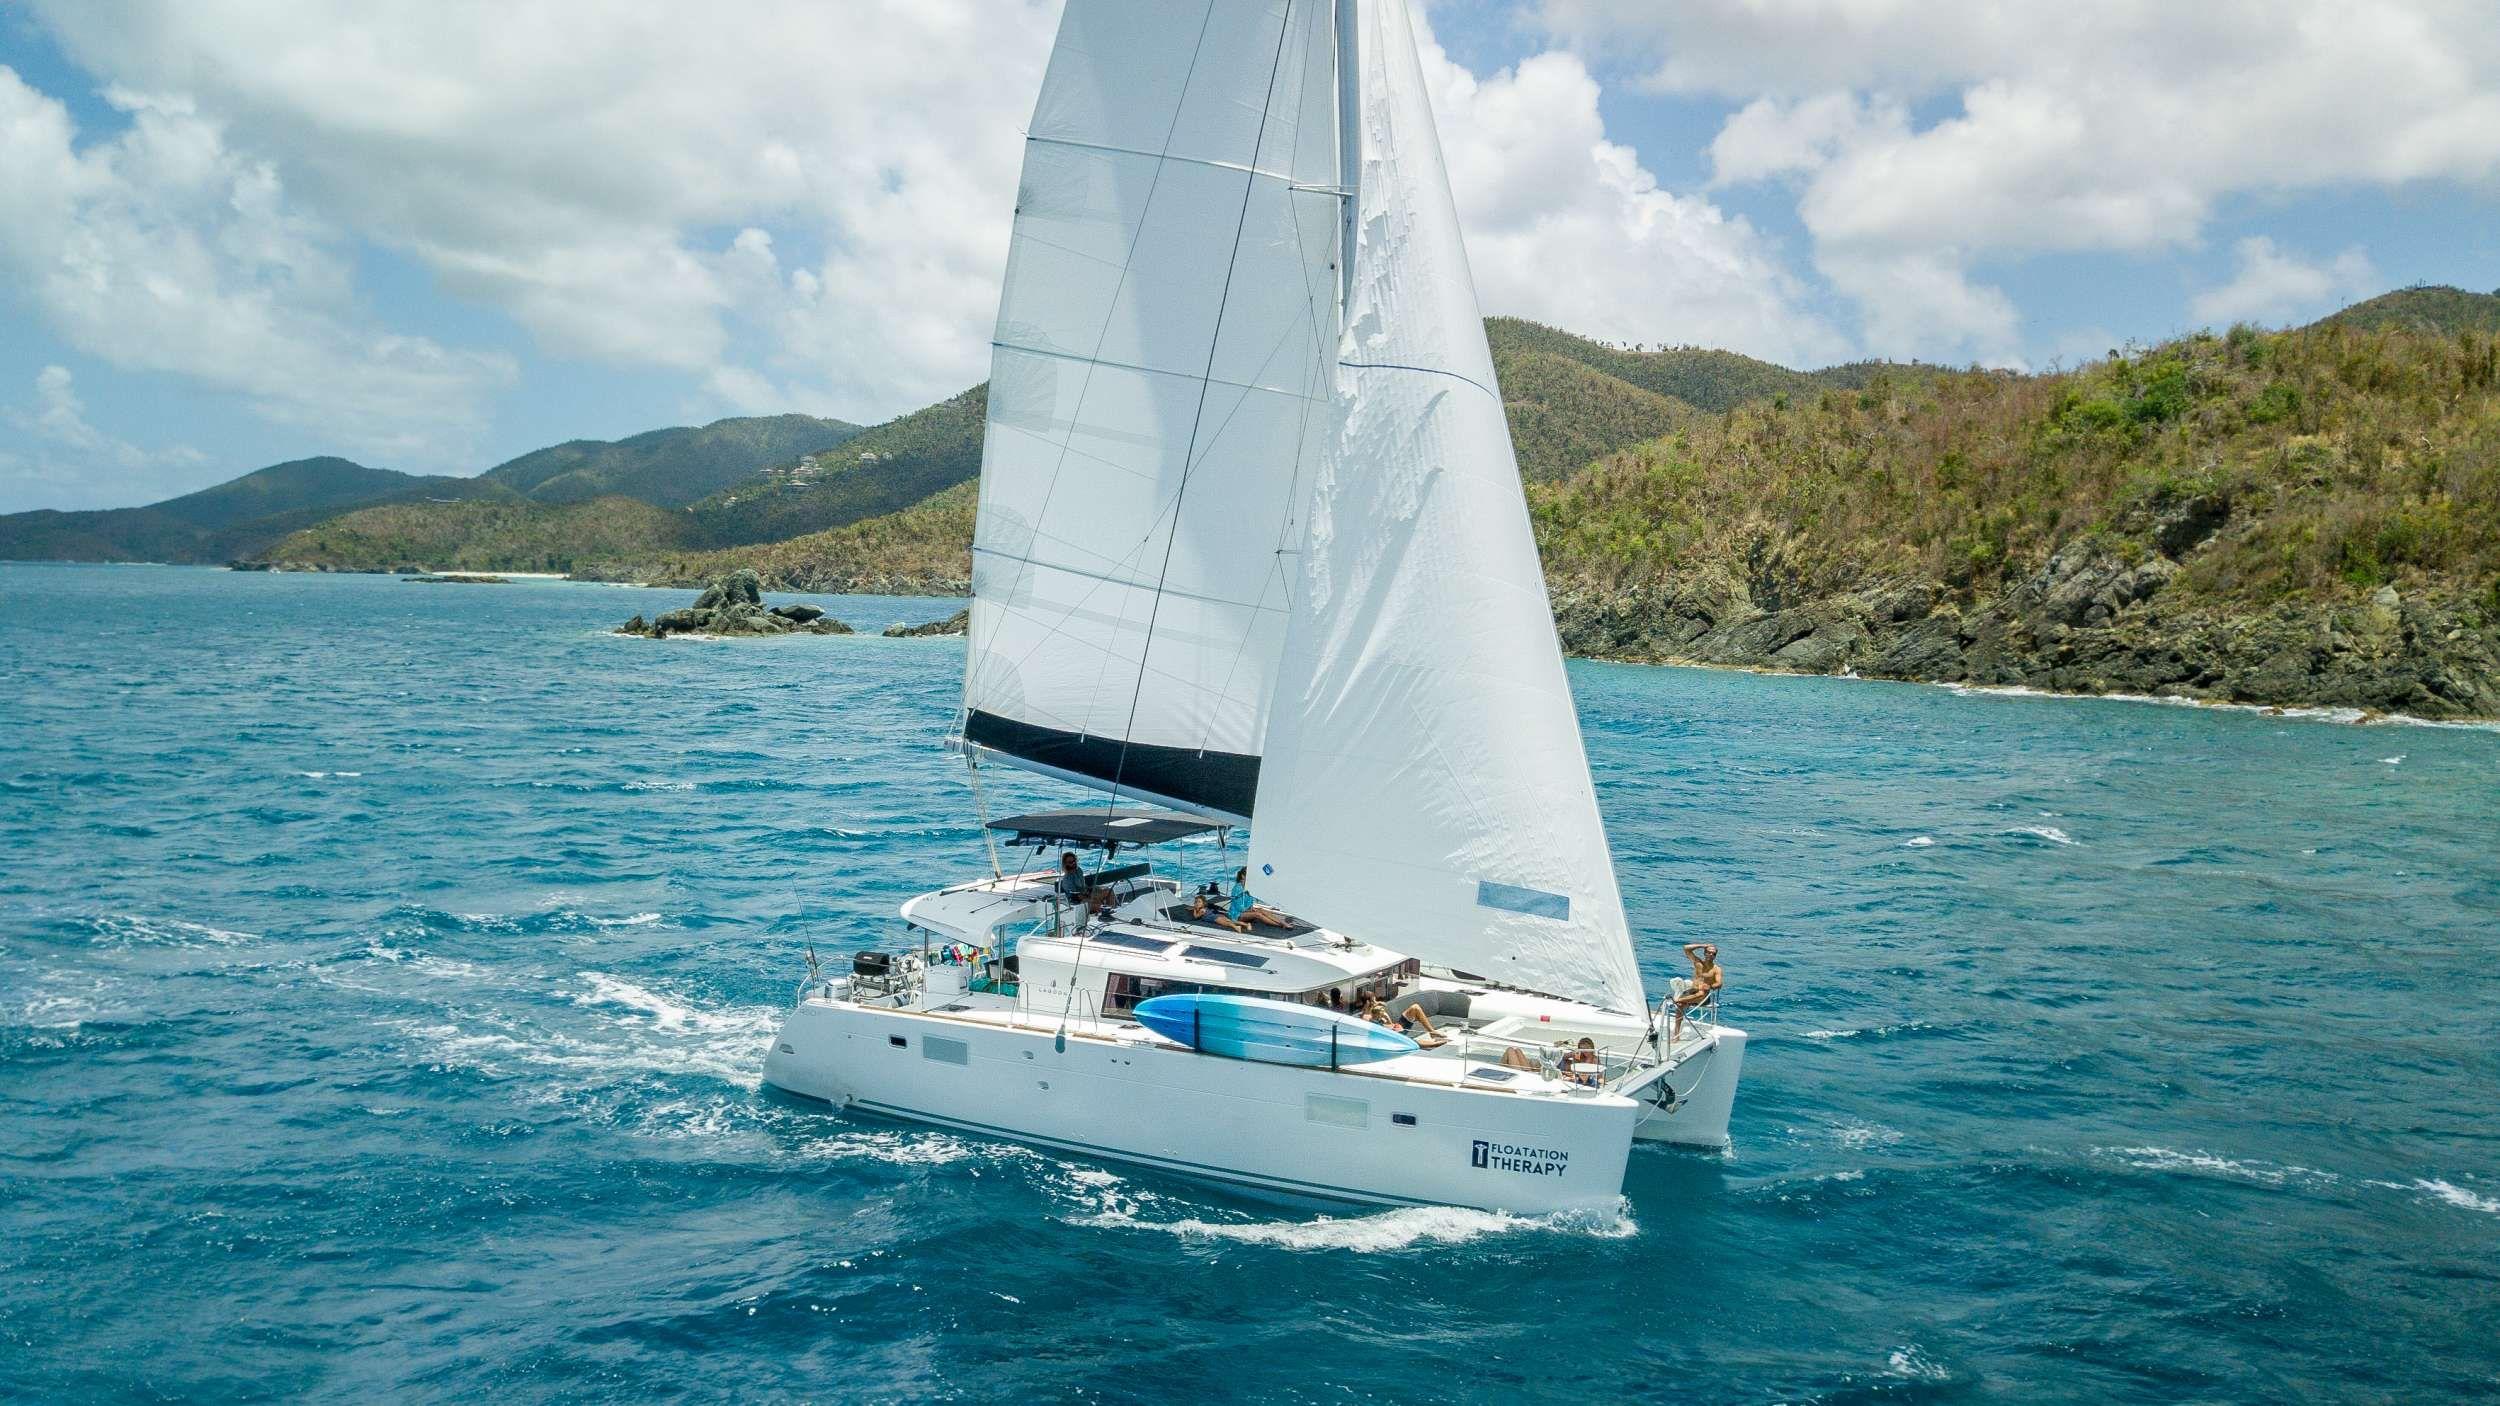 FLOATATION THERAPY - Lagoon 45 - 3 Cabins - St Thomas - Tortola - Virgin Gorda